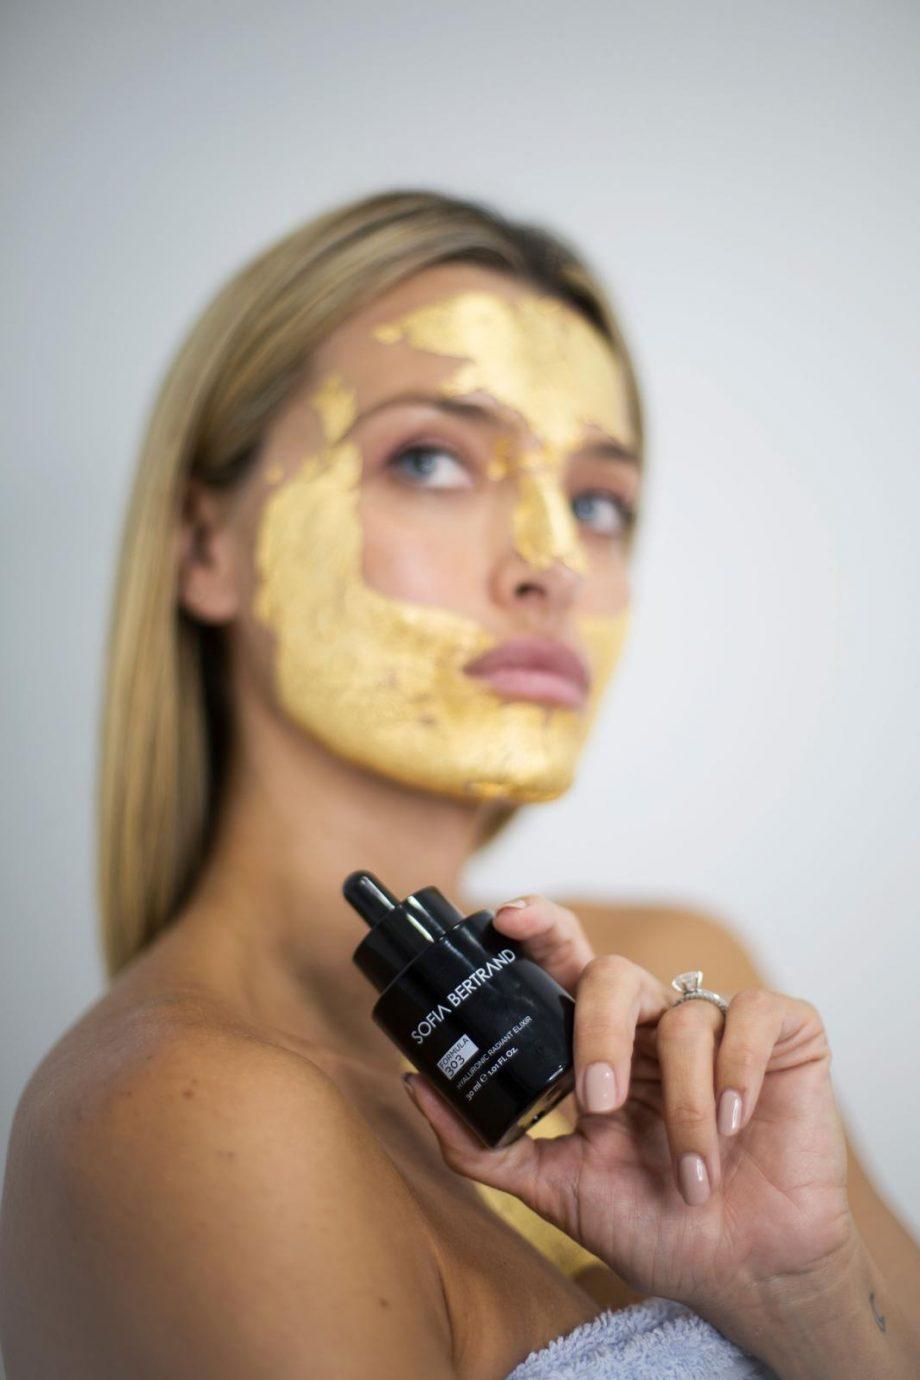 tratamiento facial gold essenial 2